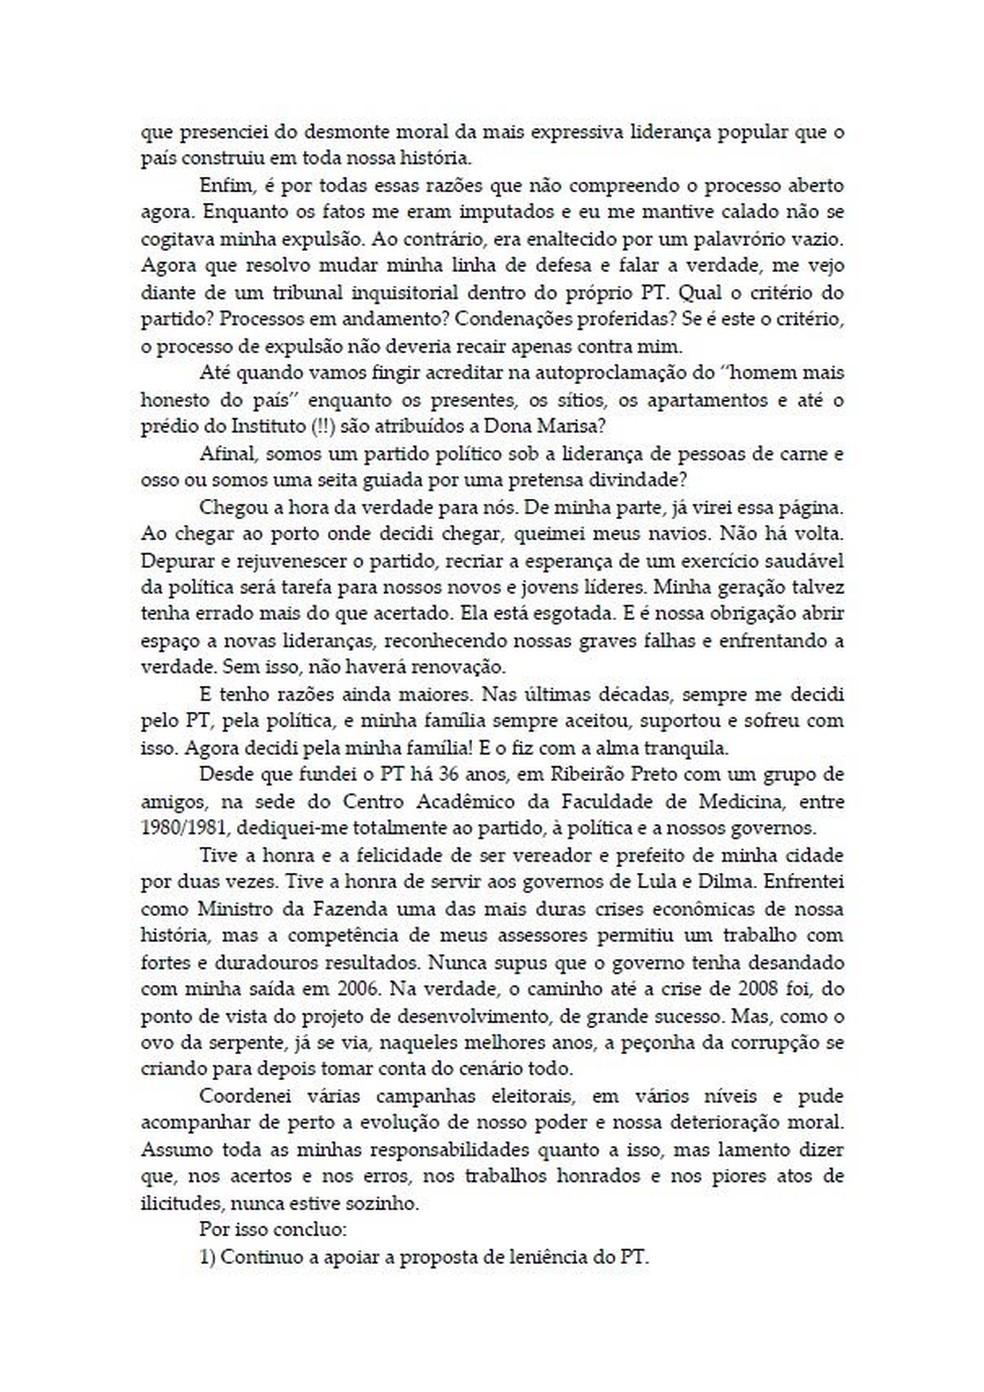 Carta Palocci 3 — Foto: Reprodução